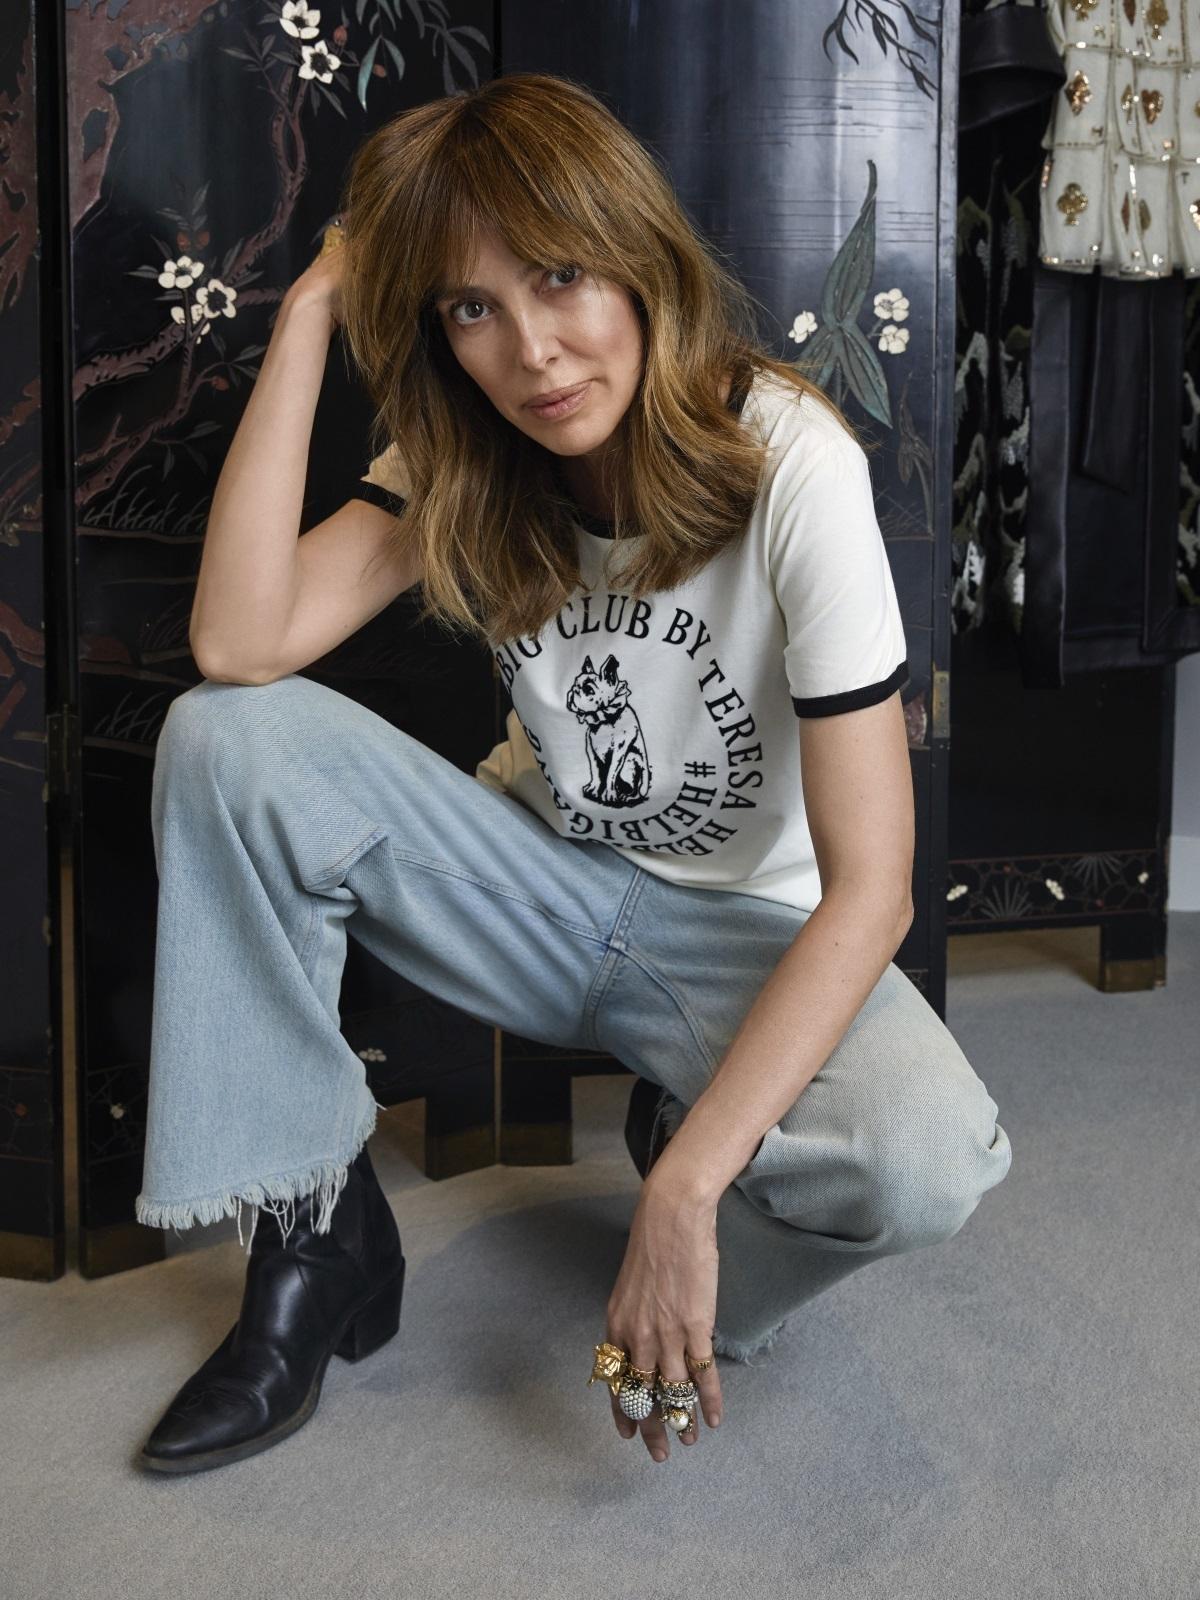 La diseñadora posa con la Helbig Club T-shirt que rinde tributo a su grupo de mujeres inspiradoras.